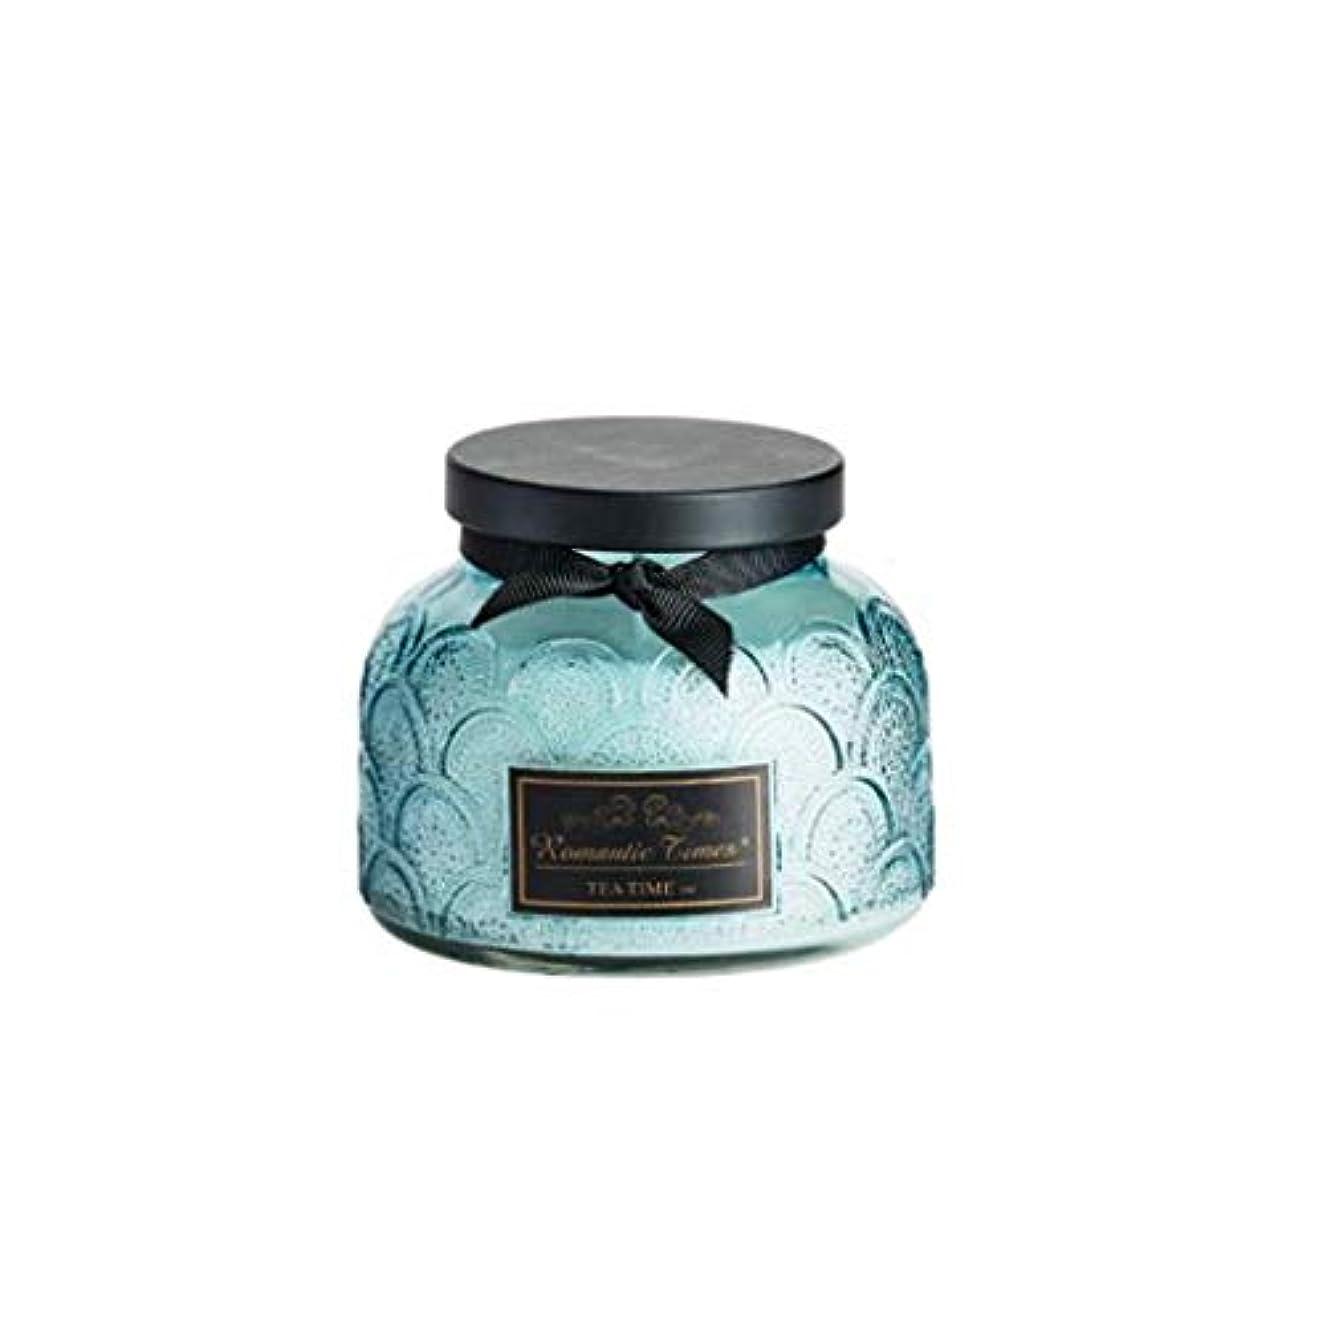 仕える楽観的者キャンドル、レースカップエッセンシャルオイルスクラブガラスアロマキャンドル、ロマンチックな香りキャンドルクリエイティブグリーン無煙なだめるような睡眠ポータブル旅行アロマキャンドル (Color : Sky blue)